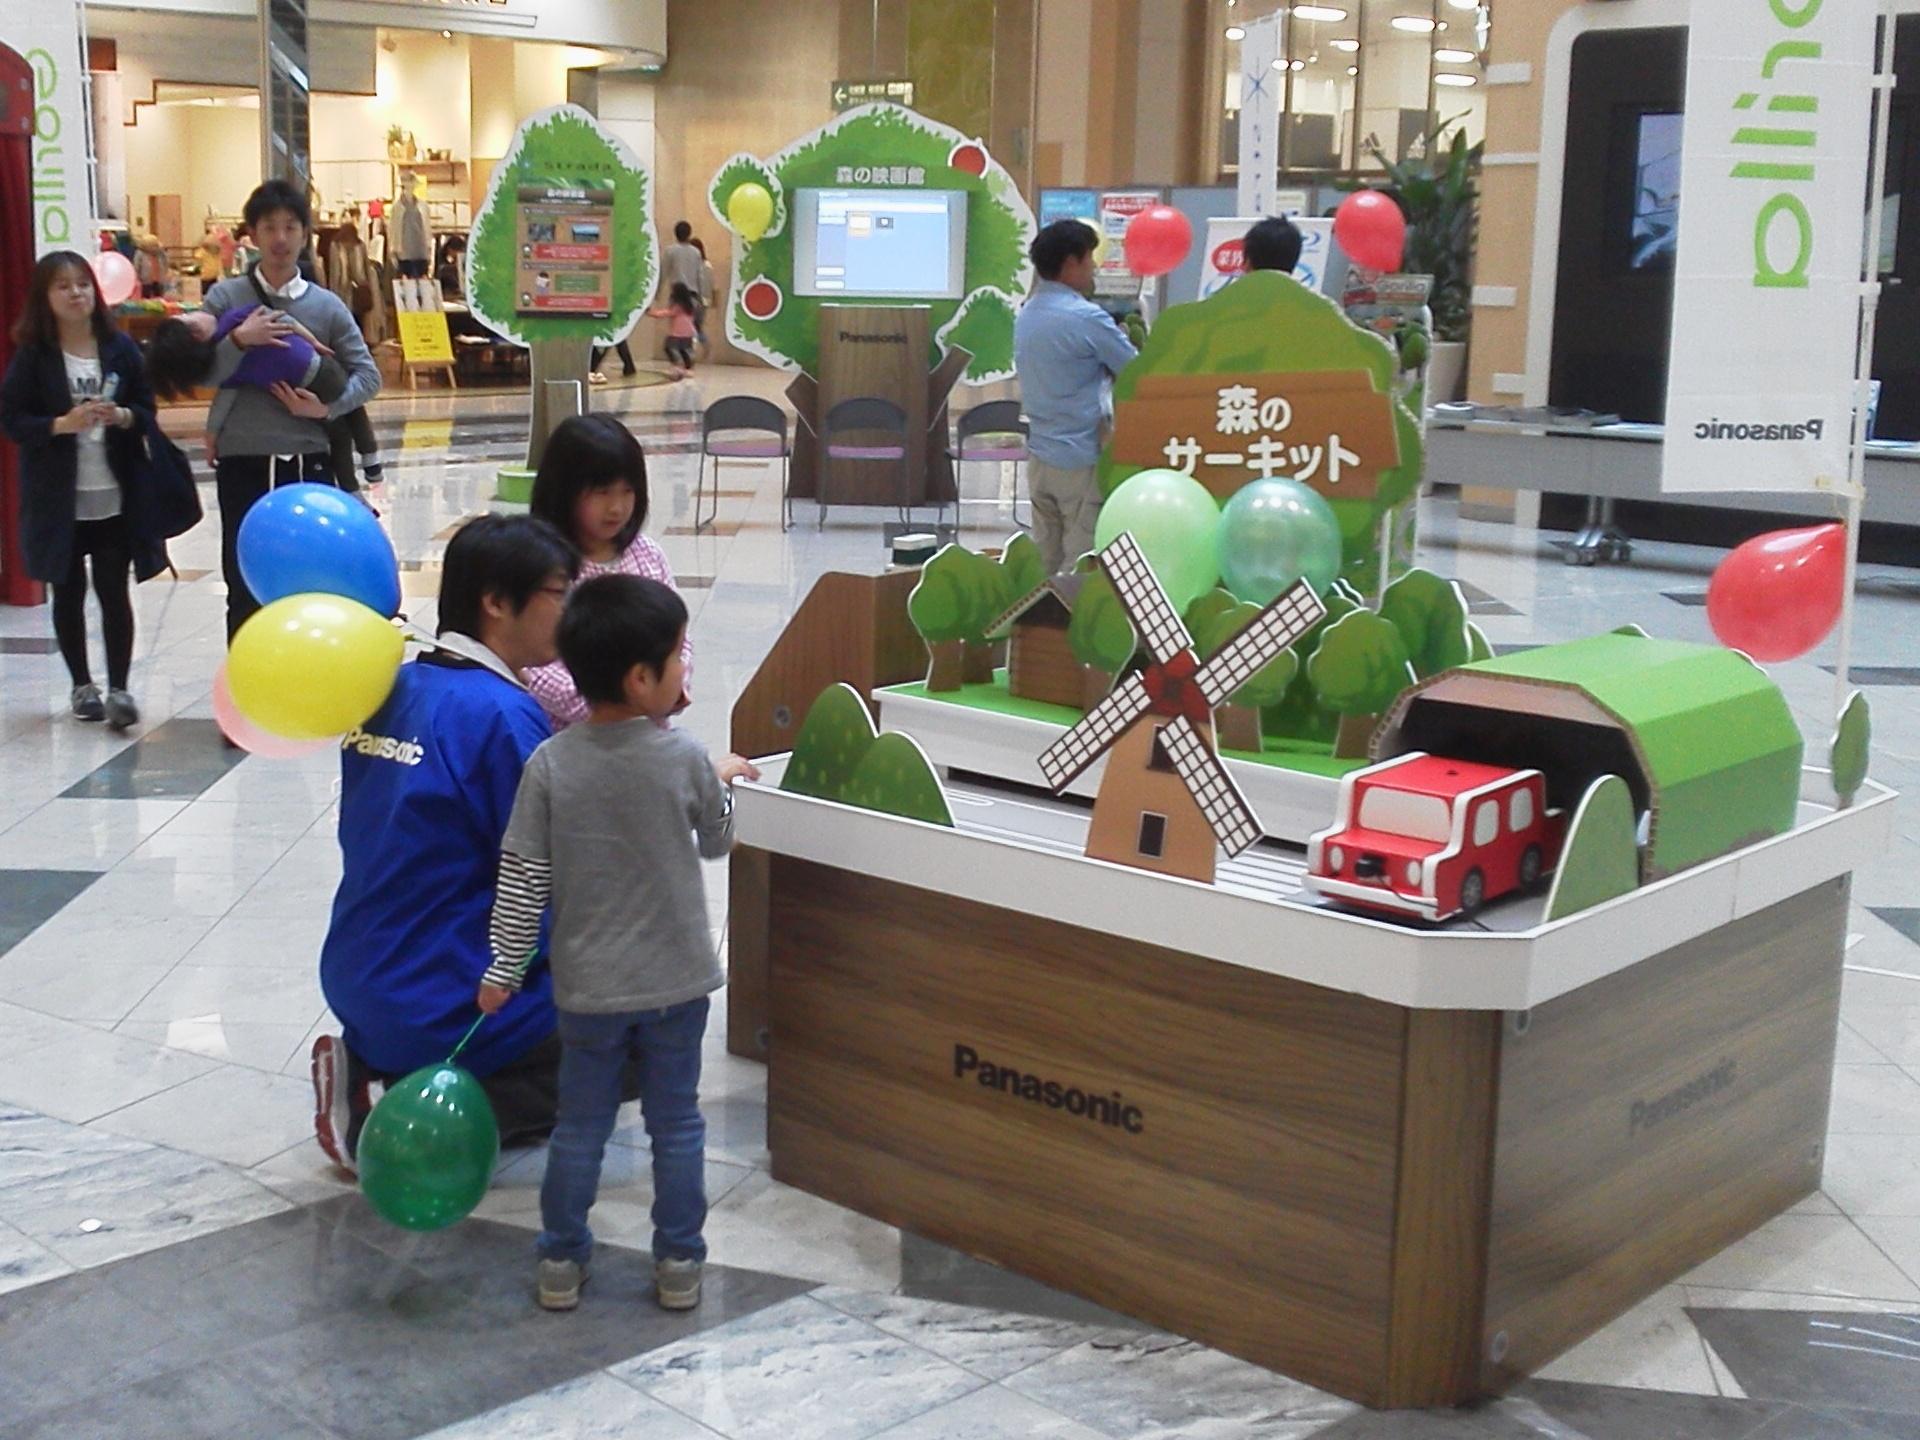 パナソニックセンター大阪で最新カーナビ「安心・快適体感イベント」開催